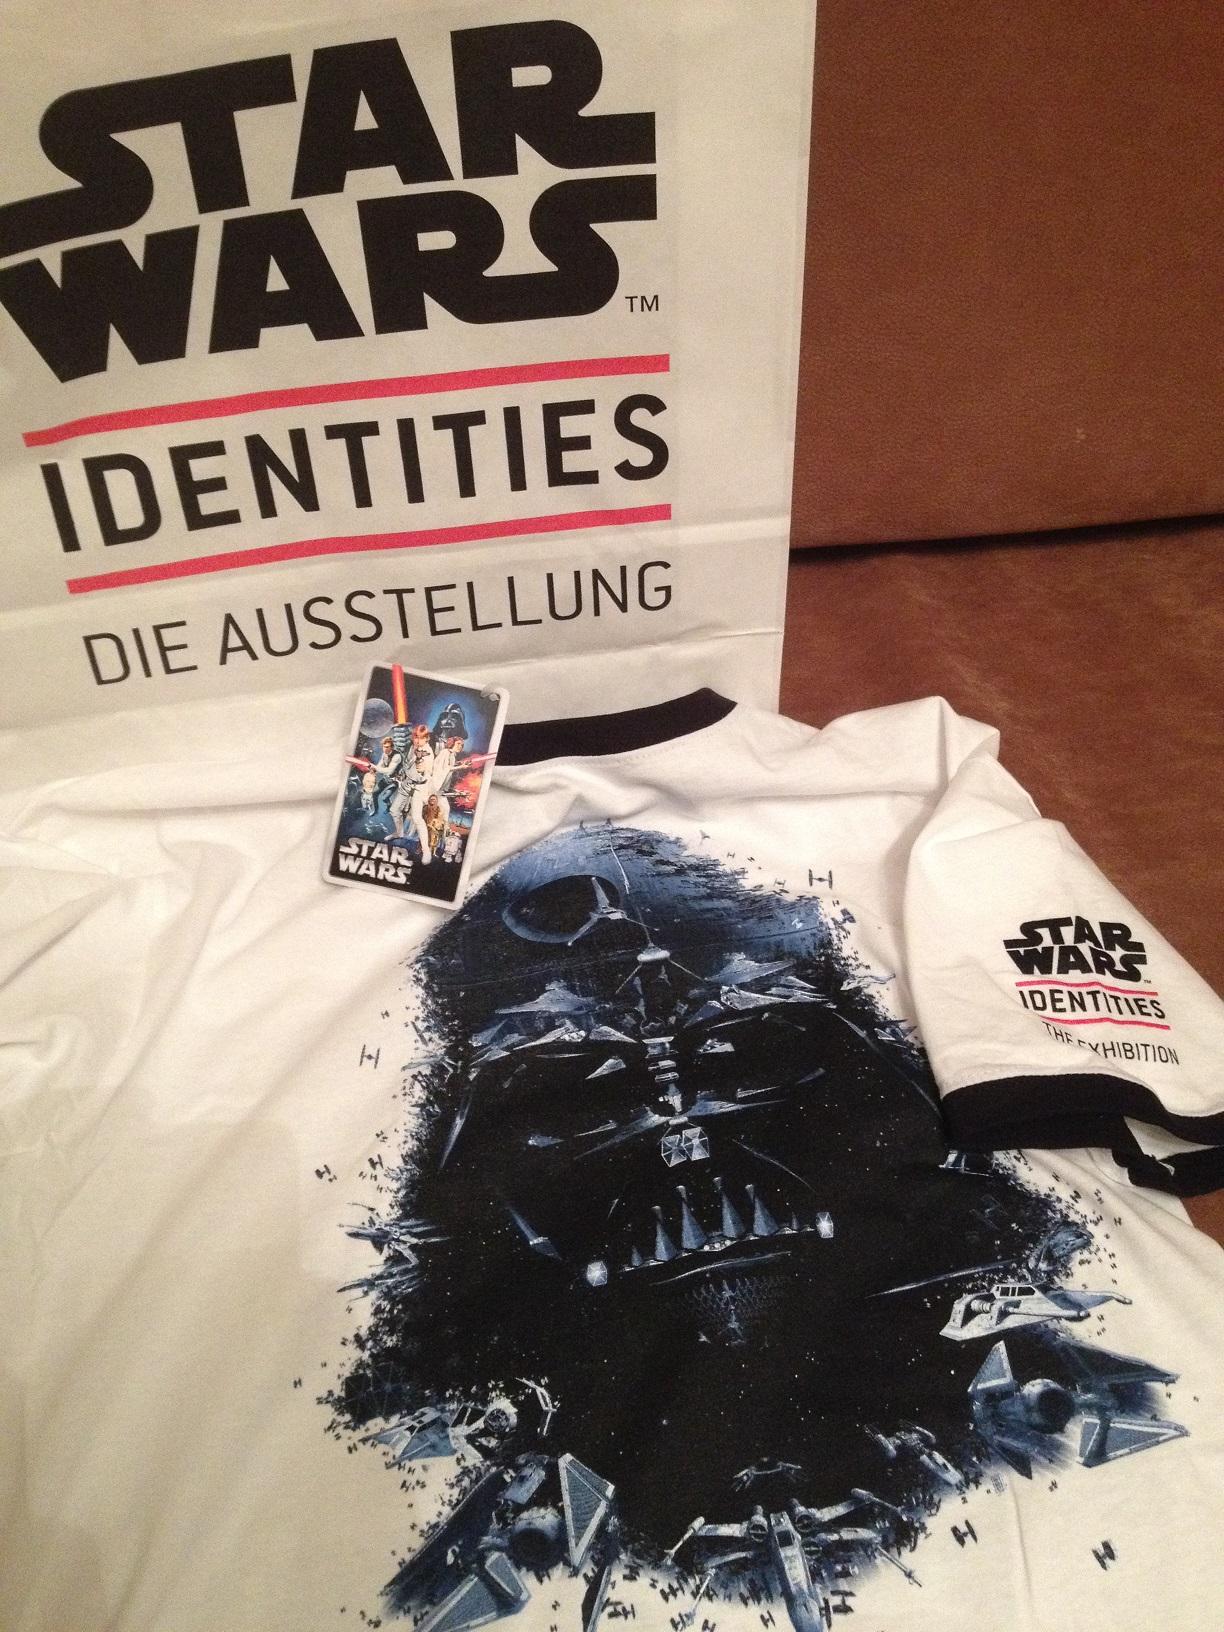 szmk_star_wars_identities_shirt.JPG